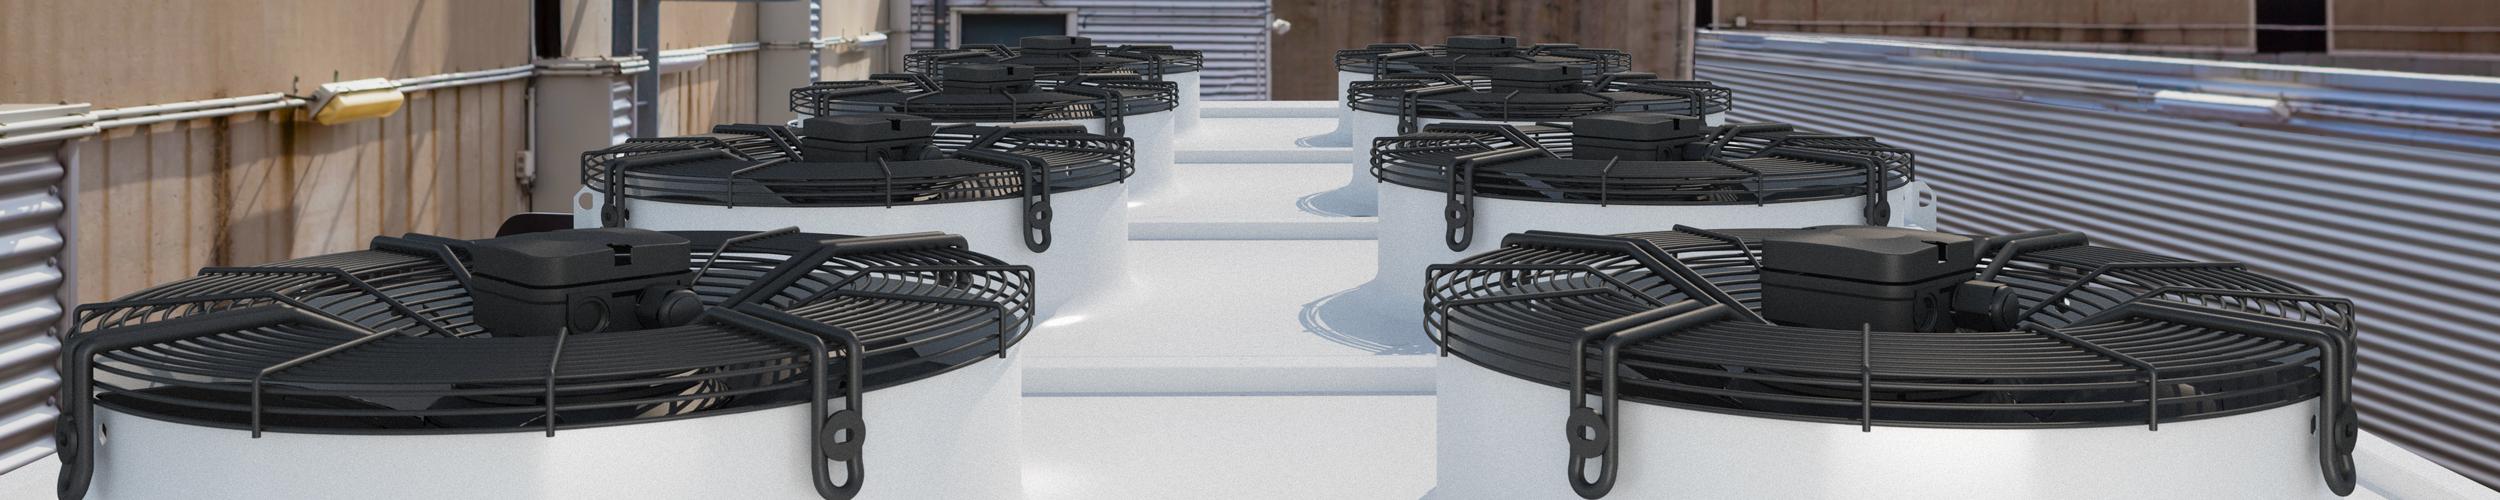 SCIROCCO è il nuovo raffreddatore di liquido a tavola di Stefani - STEFANI